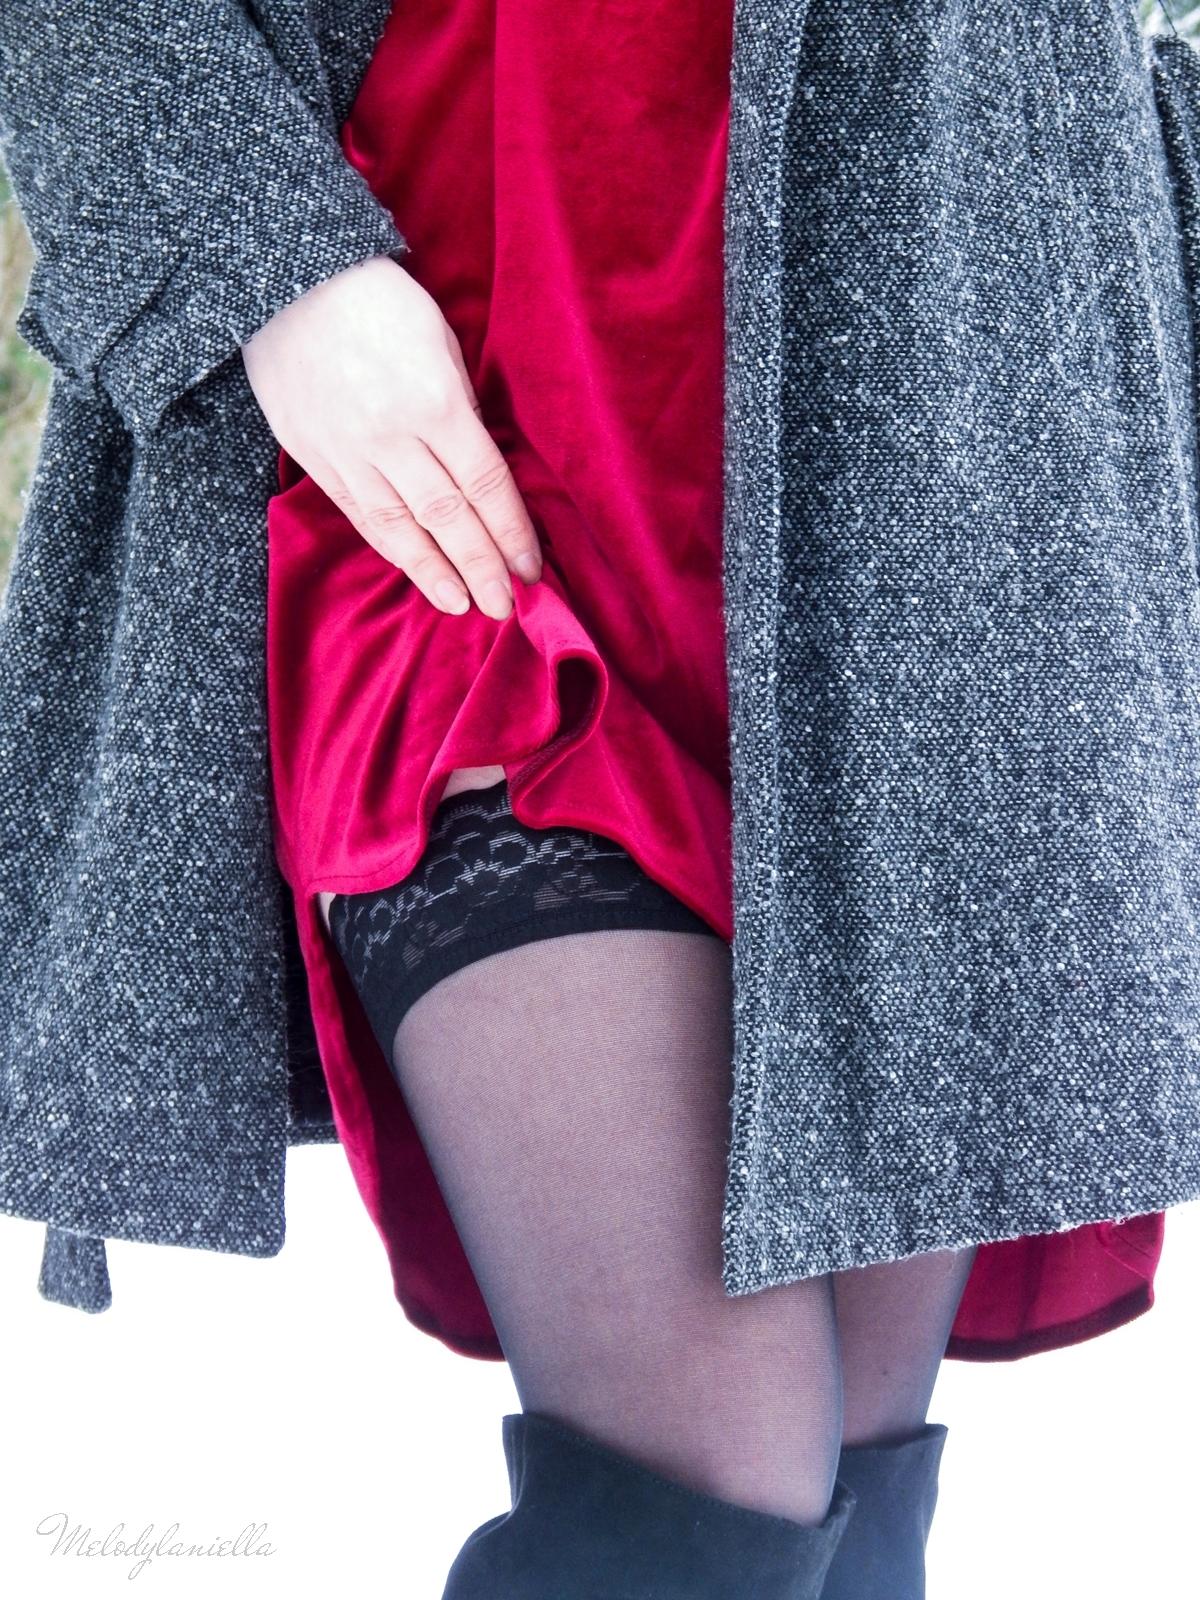 015 torebka manzana czarna czerwona aksamitna  sukienka zaful choker sammydress girl fashion zimowy lookbook stylizacja melodylaniella rajstopy veera pończochy fashion moda szary płaszcz muszkieterki deichmann